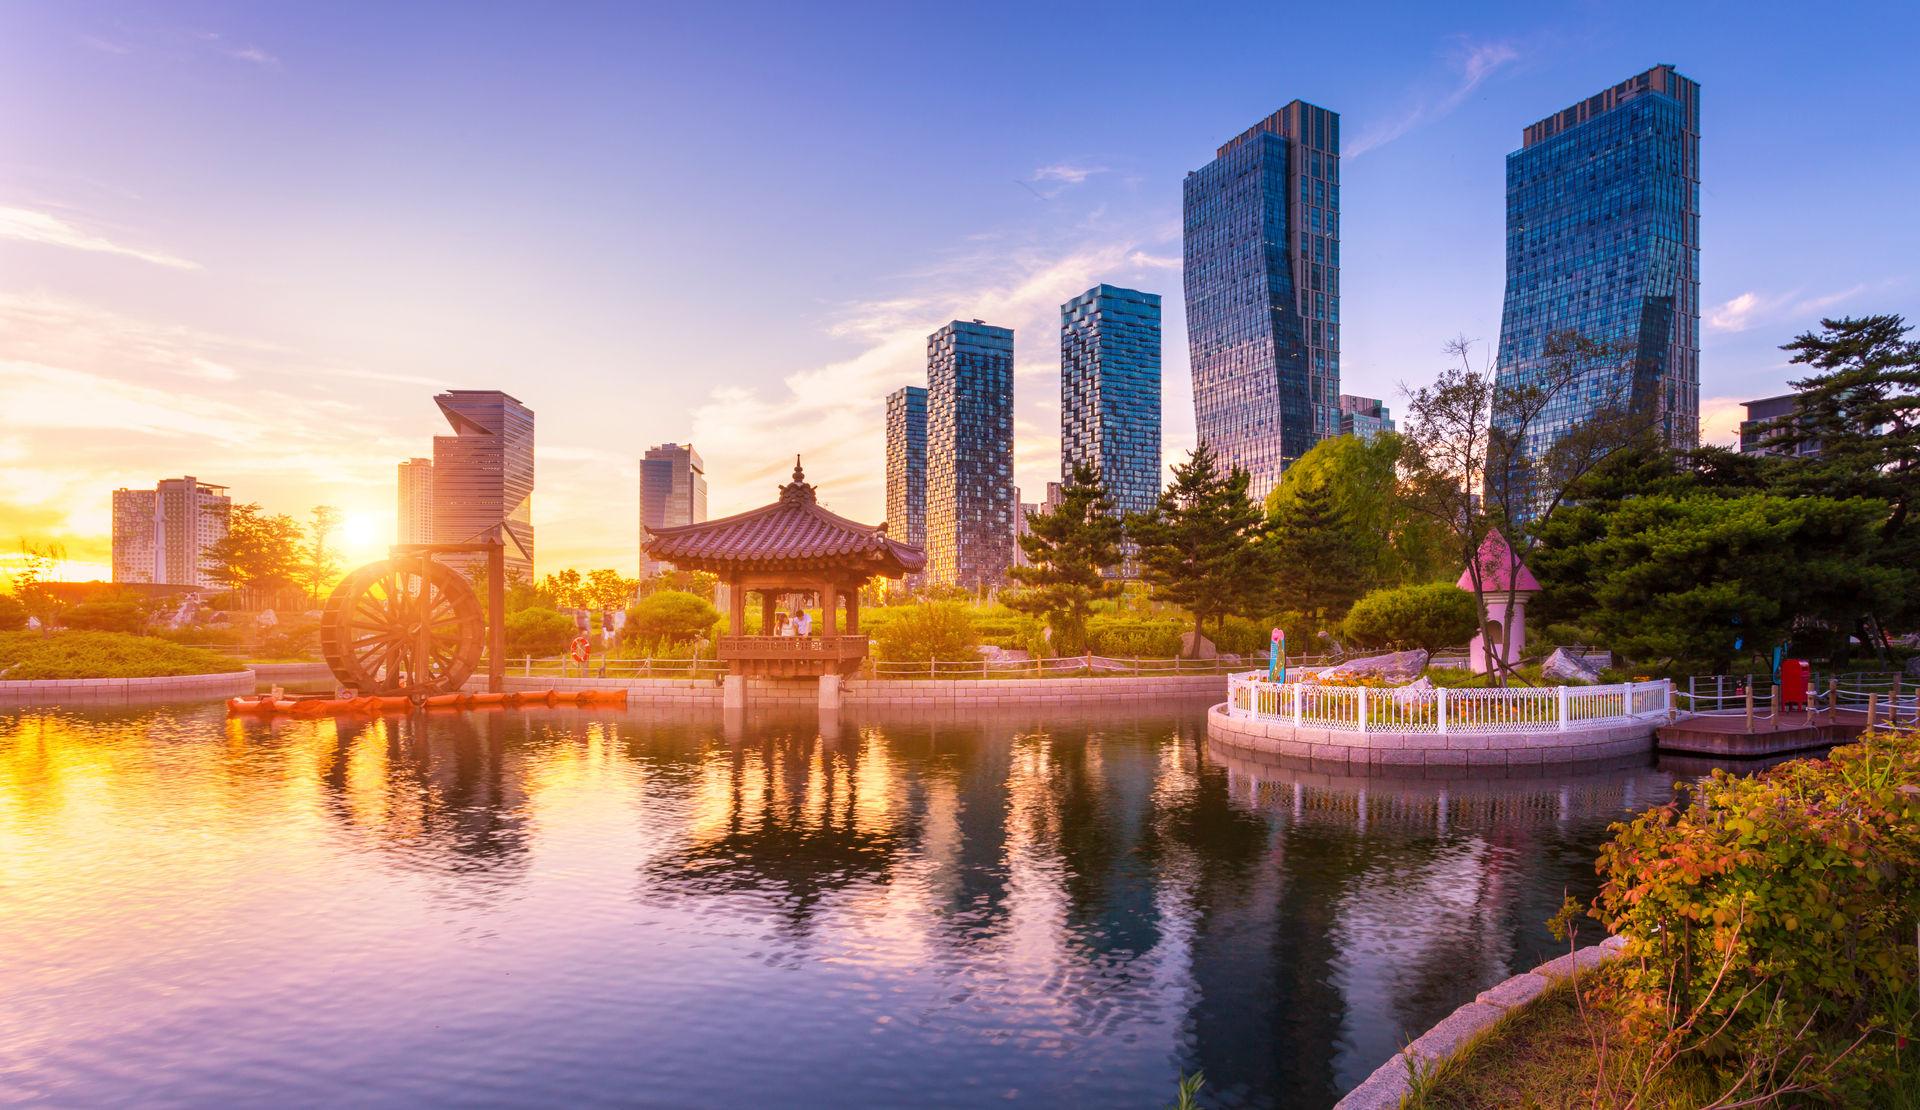 Combiné 3 capitales asiatiques incroyables 3* : pékin,...